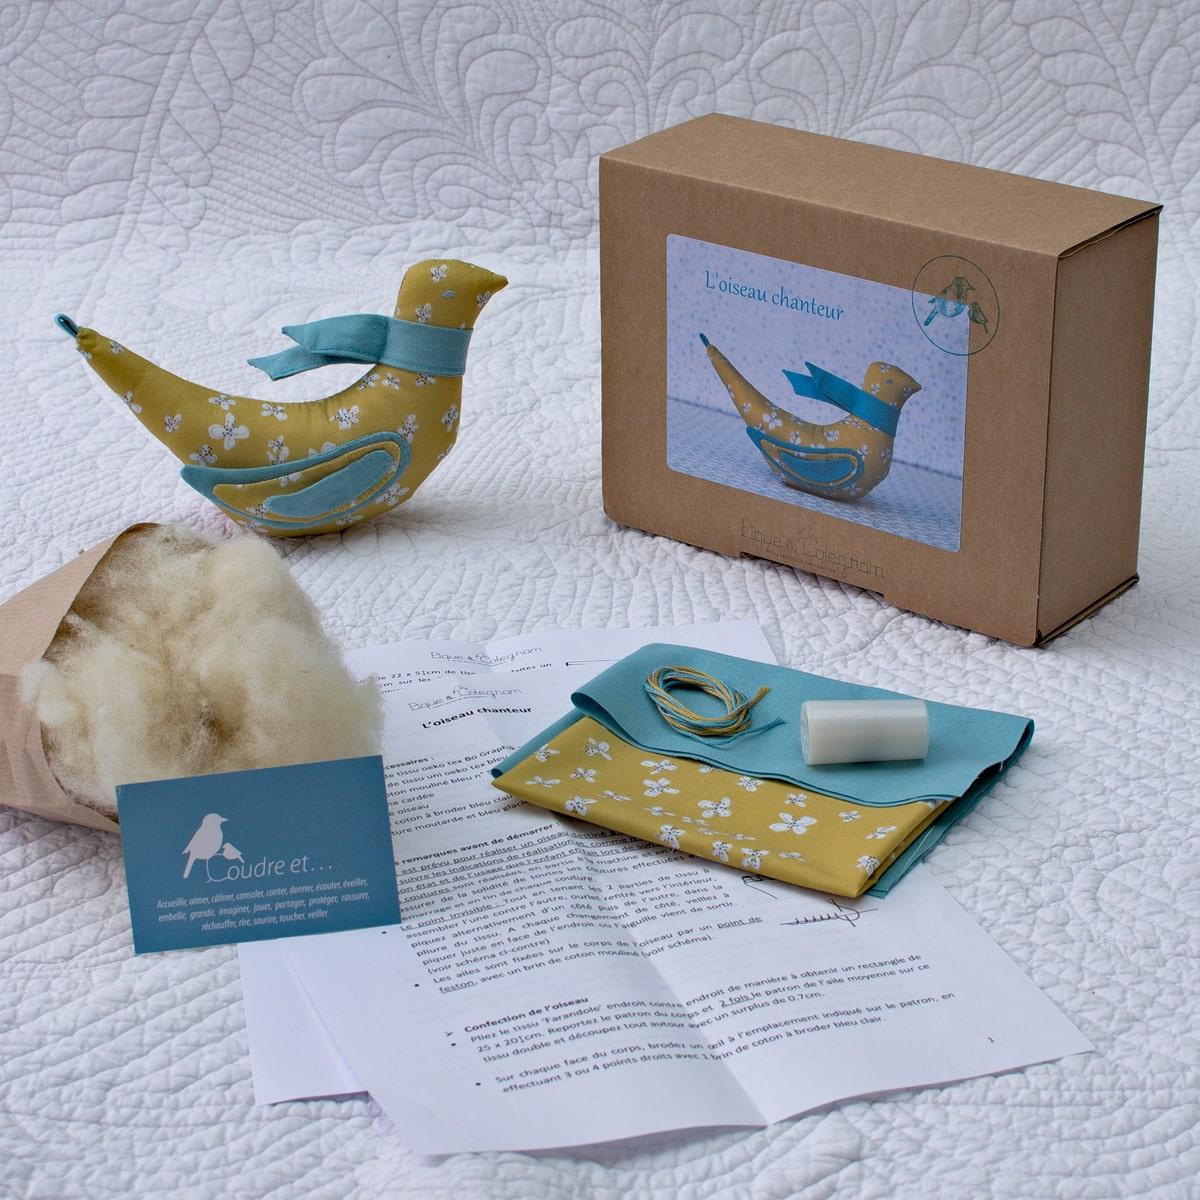 kit de l'oiseau chanteur à réaliser comme jeu d'éveil ou pour la décoration, à partir de tissus oeko-tex, laine cardée et bruitage oiseau